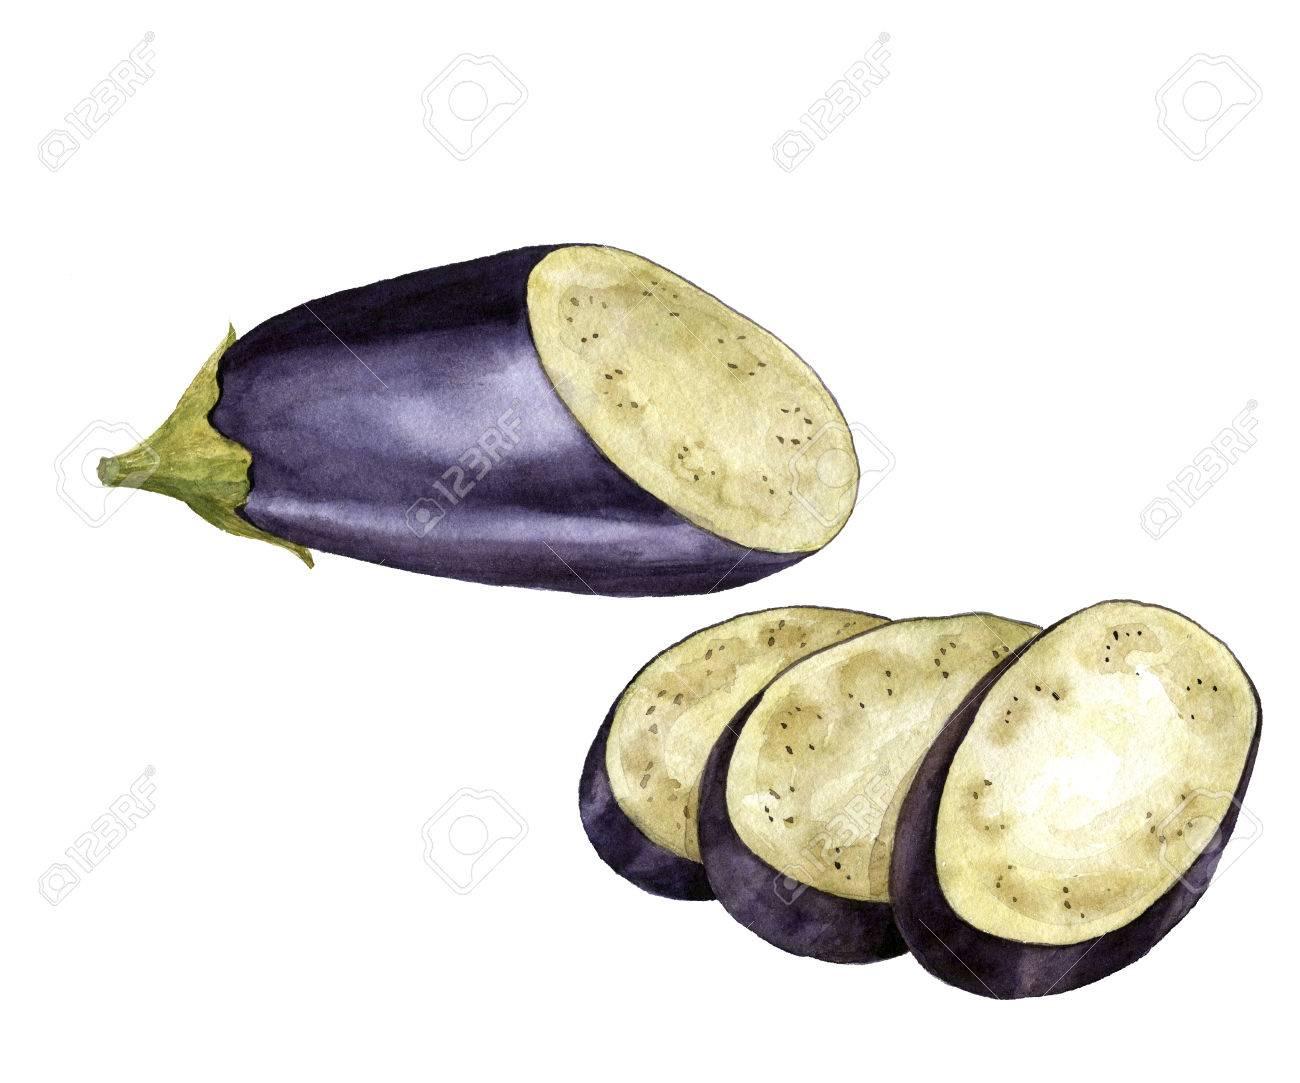 Aubergine Dessin aquarelle la moitié et les tranches d'aubergine dessin, isolé au